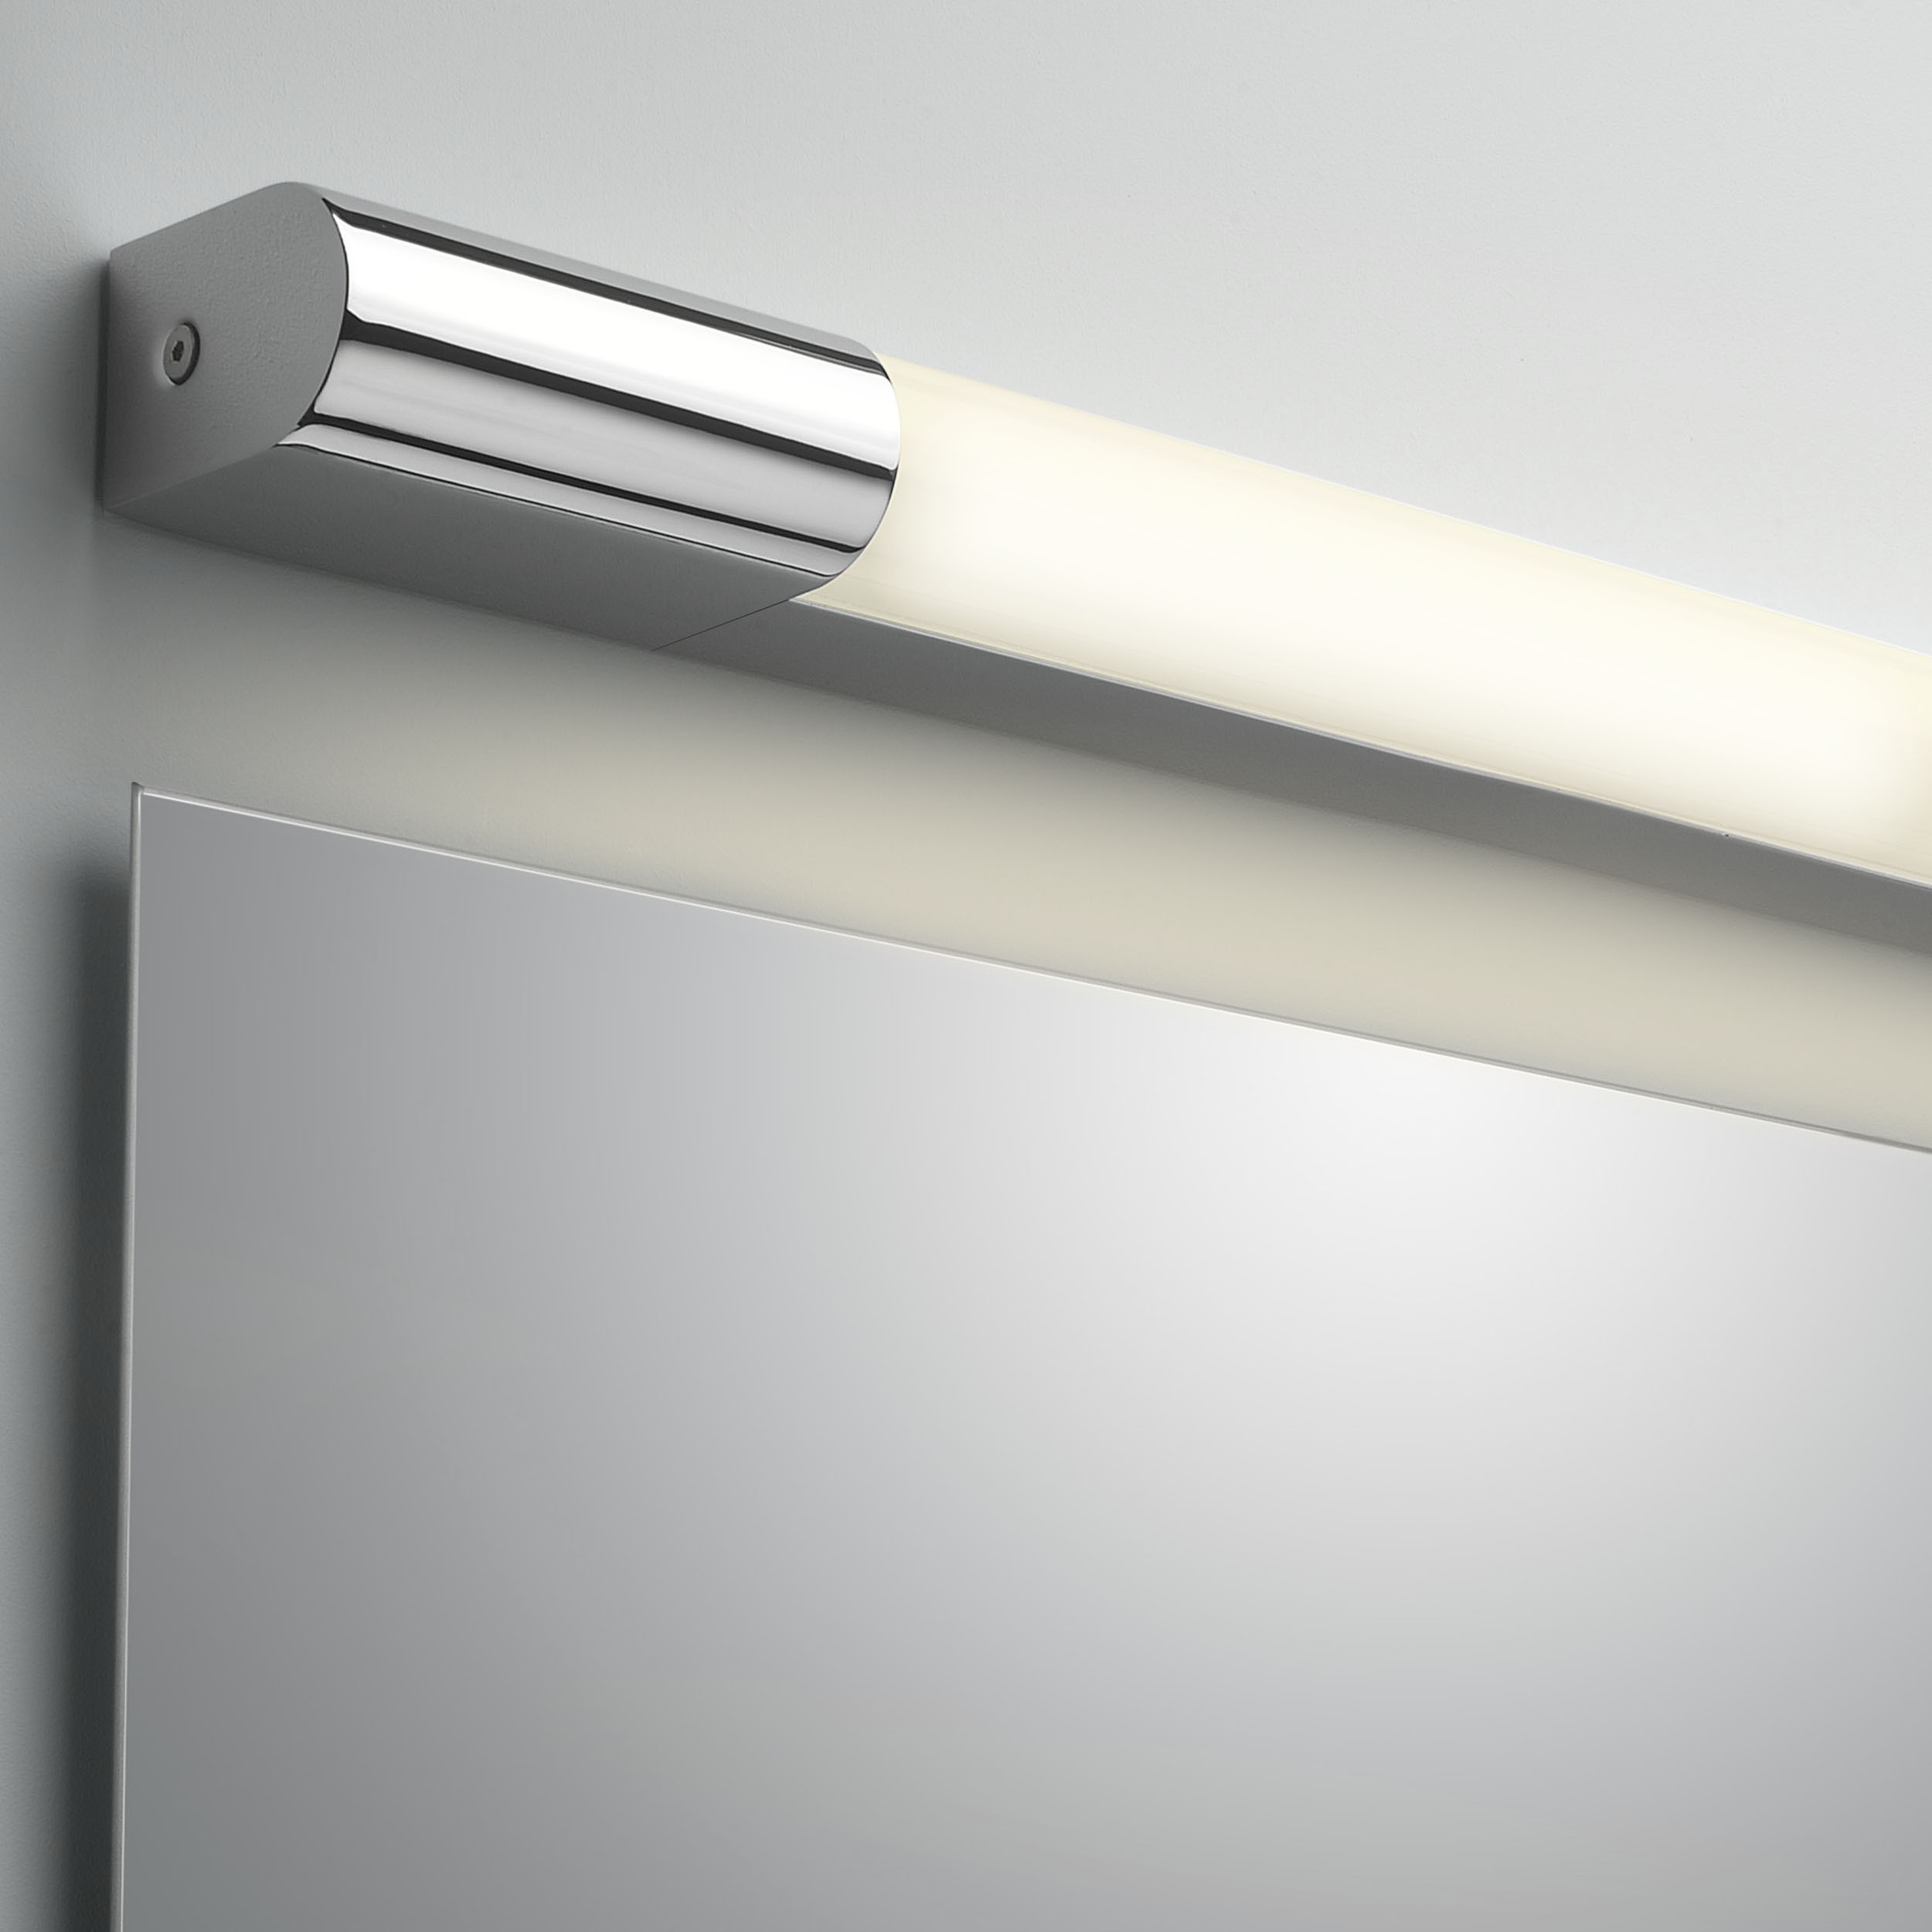 Настенный светодиодный светильник Astro Palermo 1084021 (7619), IP44, LED 8,1W 3000K 364lm CRI80, хром, пластик - фото 1